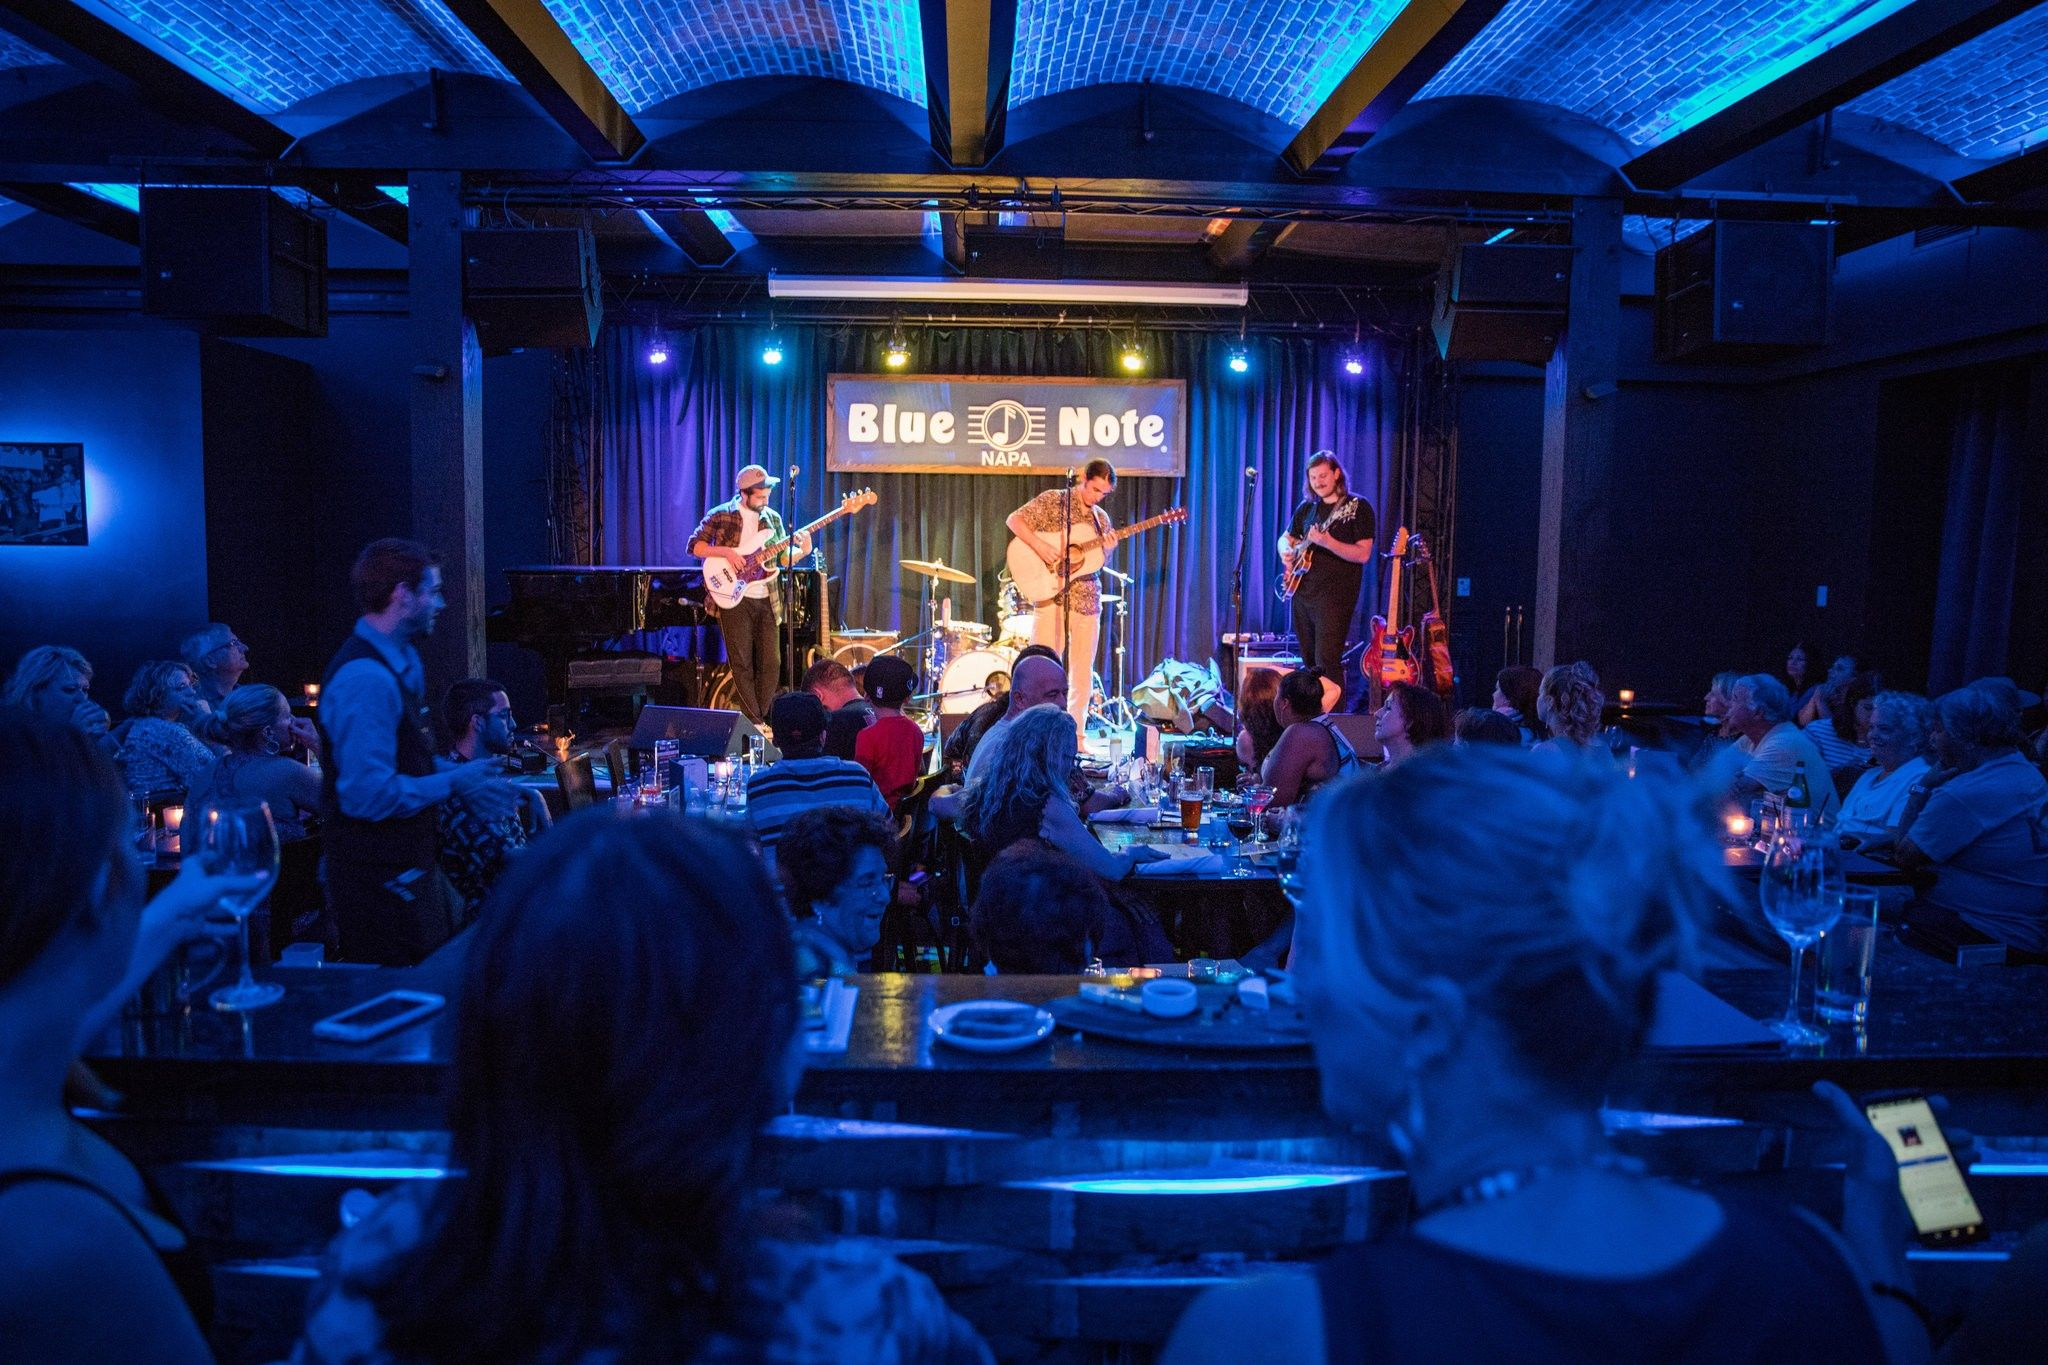 Blue Note Napa A Spinoff Of New York City S Well Known Jazz Club Jazz Club Decor Jazz Club Interior Jazz Club